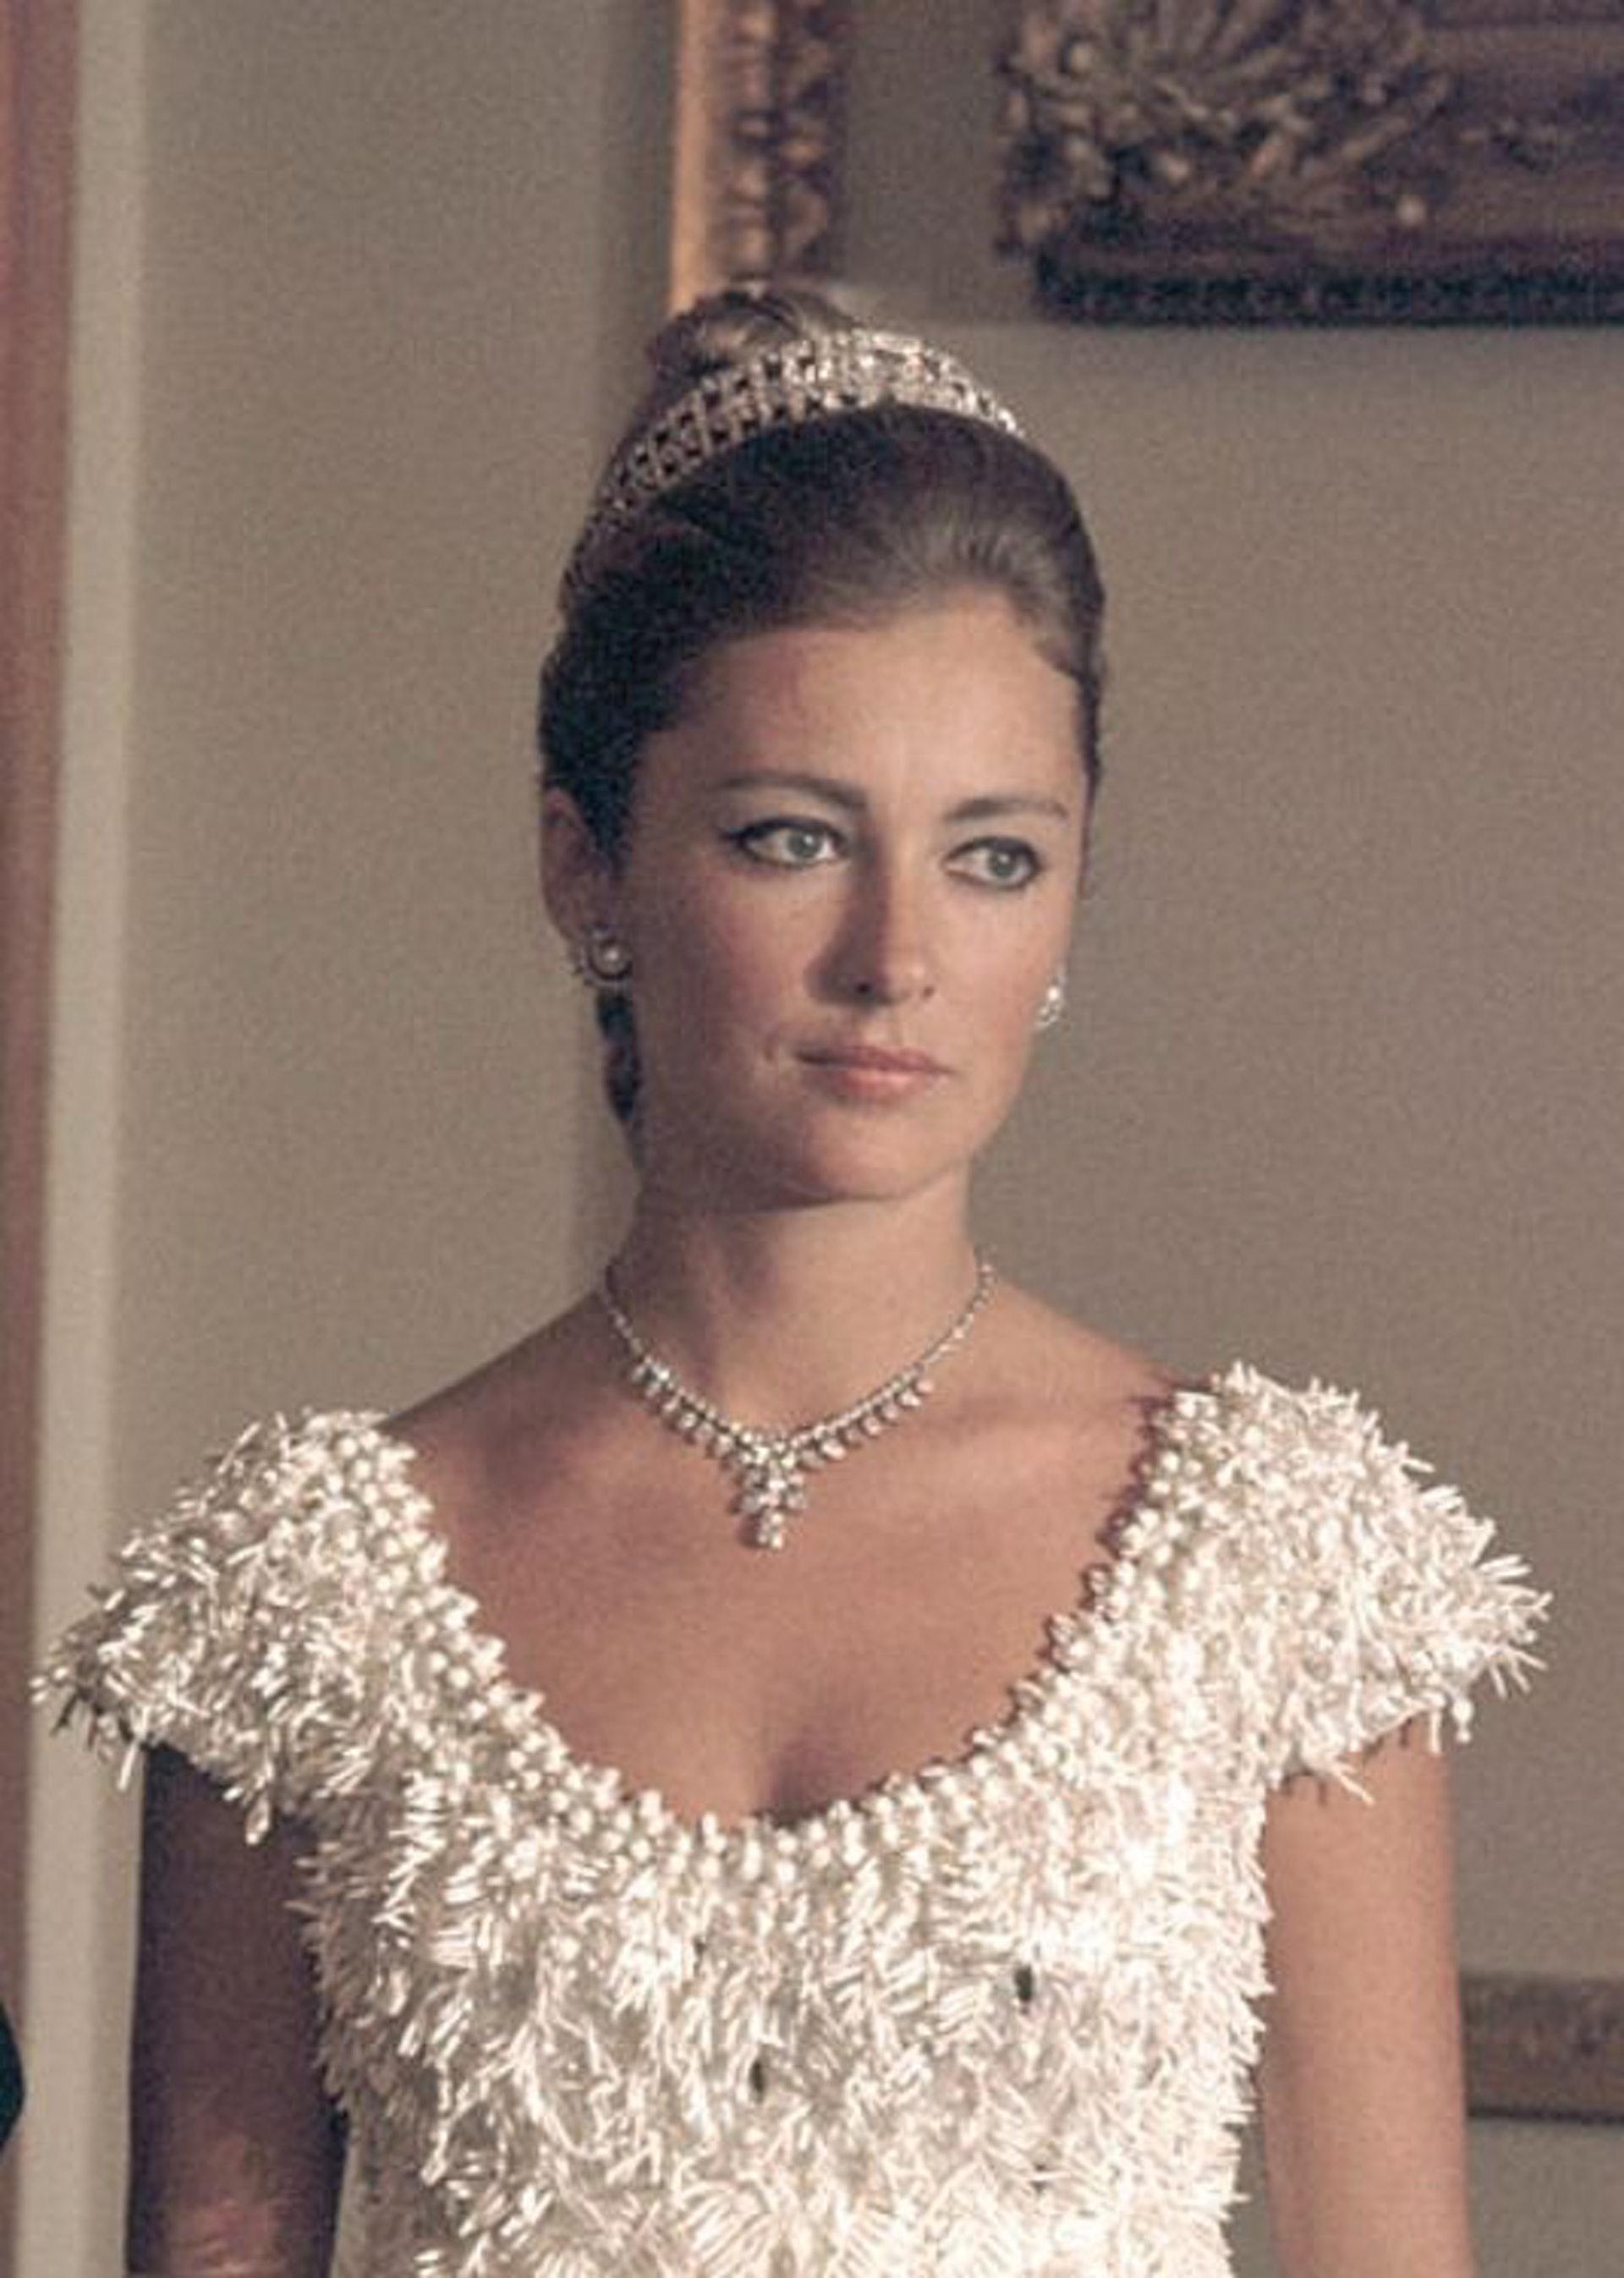 多年后证实,阿尔伯另有情妇,保拉也决不委屈求全,同立即与阿尔伯分居。(Royal Ladies@Twitter)